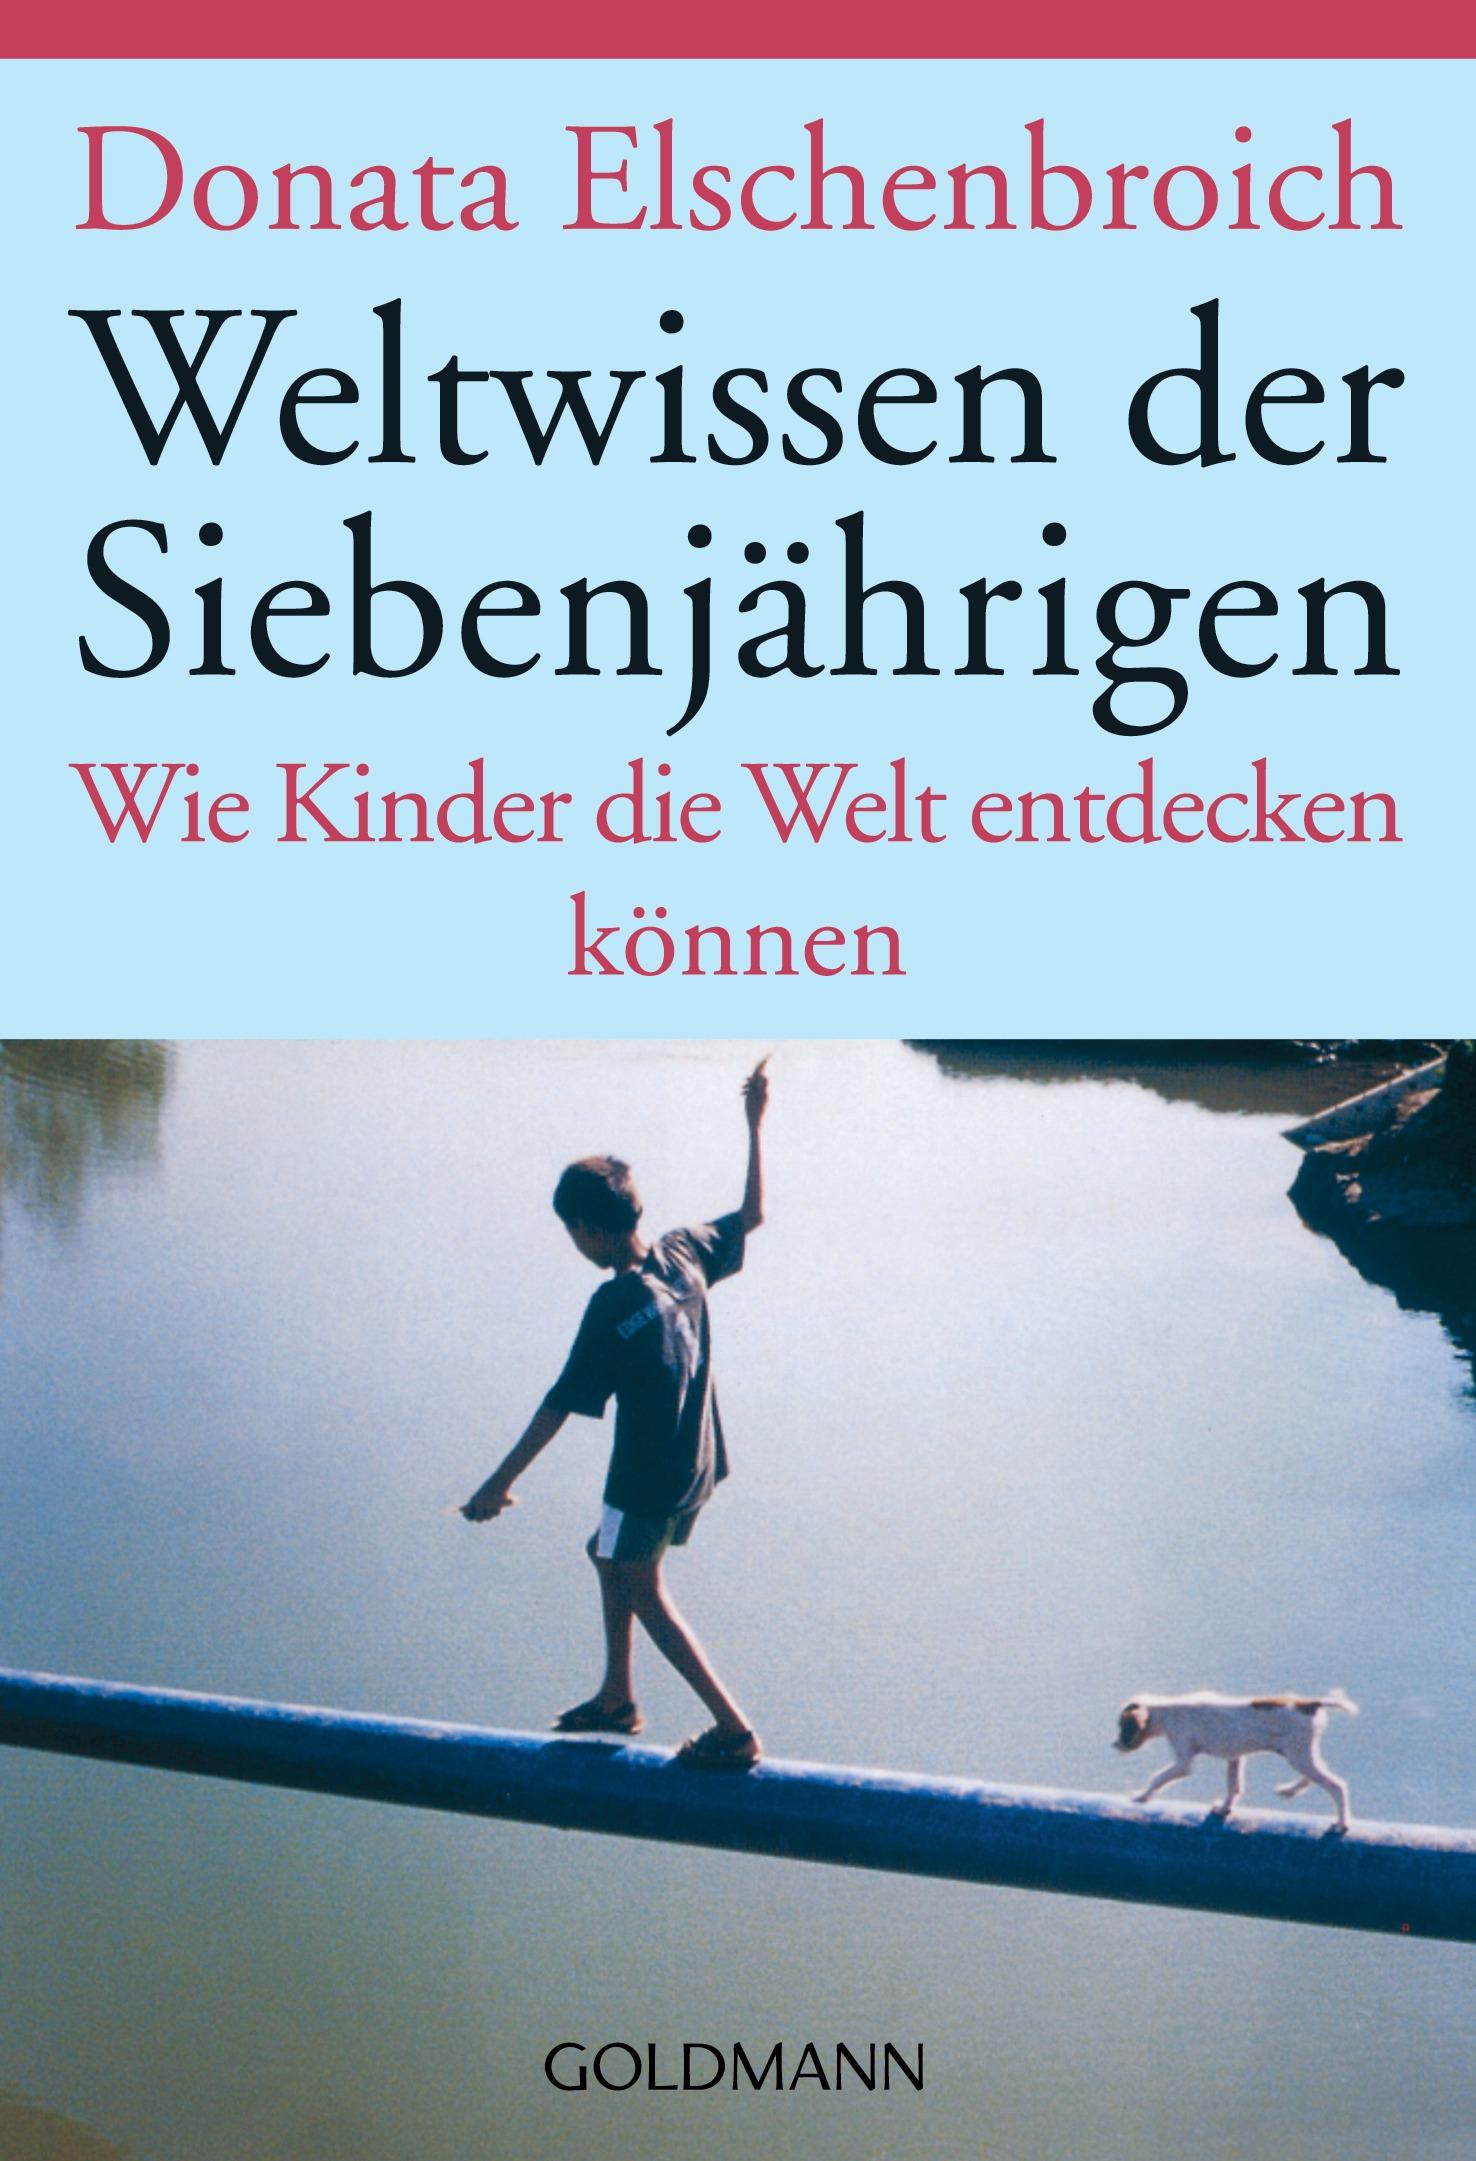 Weltwissen der Siebenjährigen: Wie Kinder die Welt entdecken können - Donata Elschenbroich